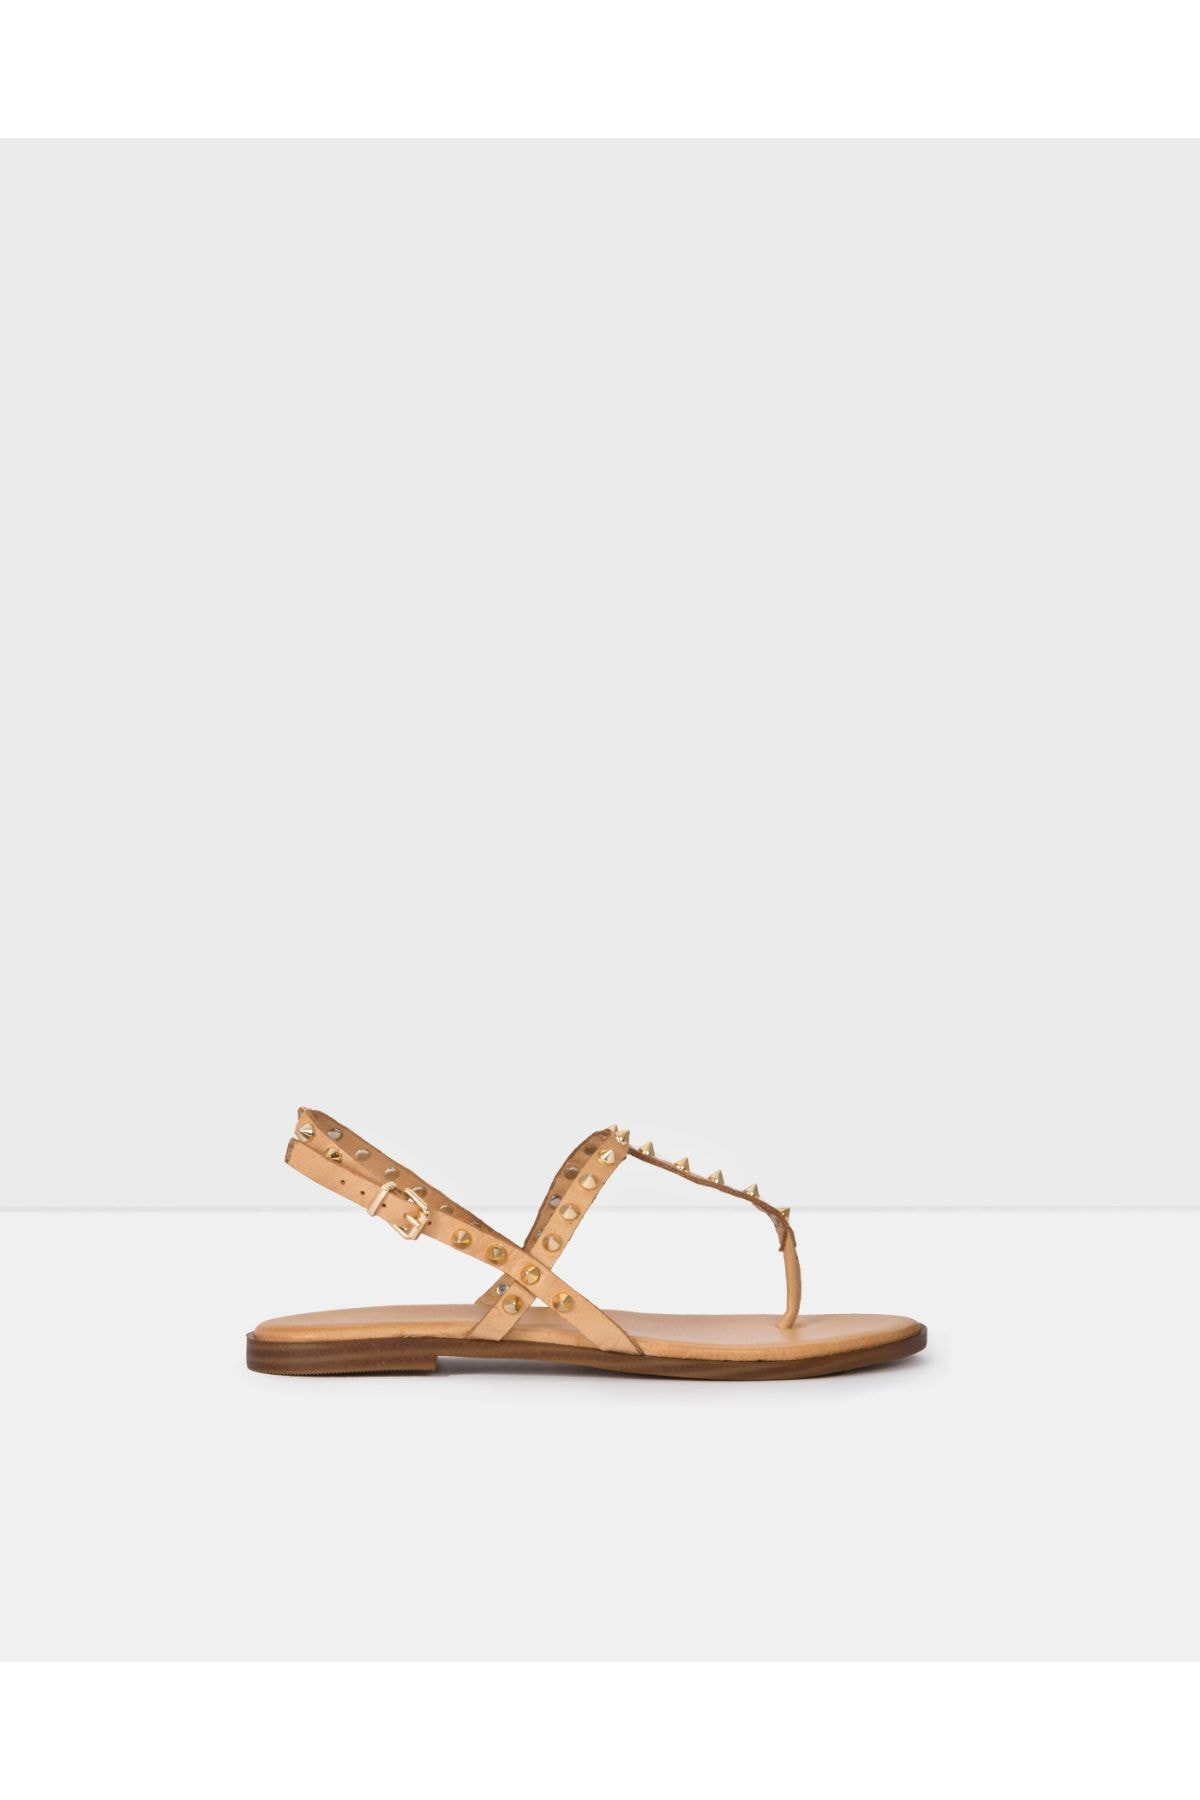 Aldo Kadın Taba Sandalet 1